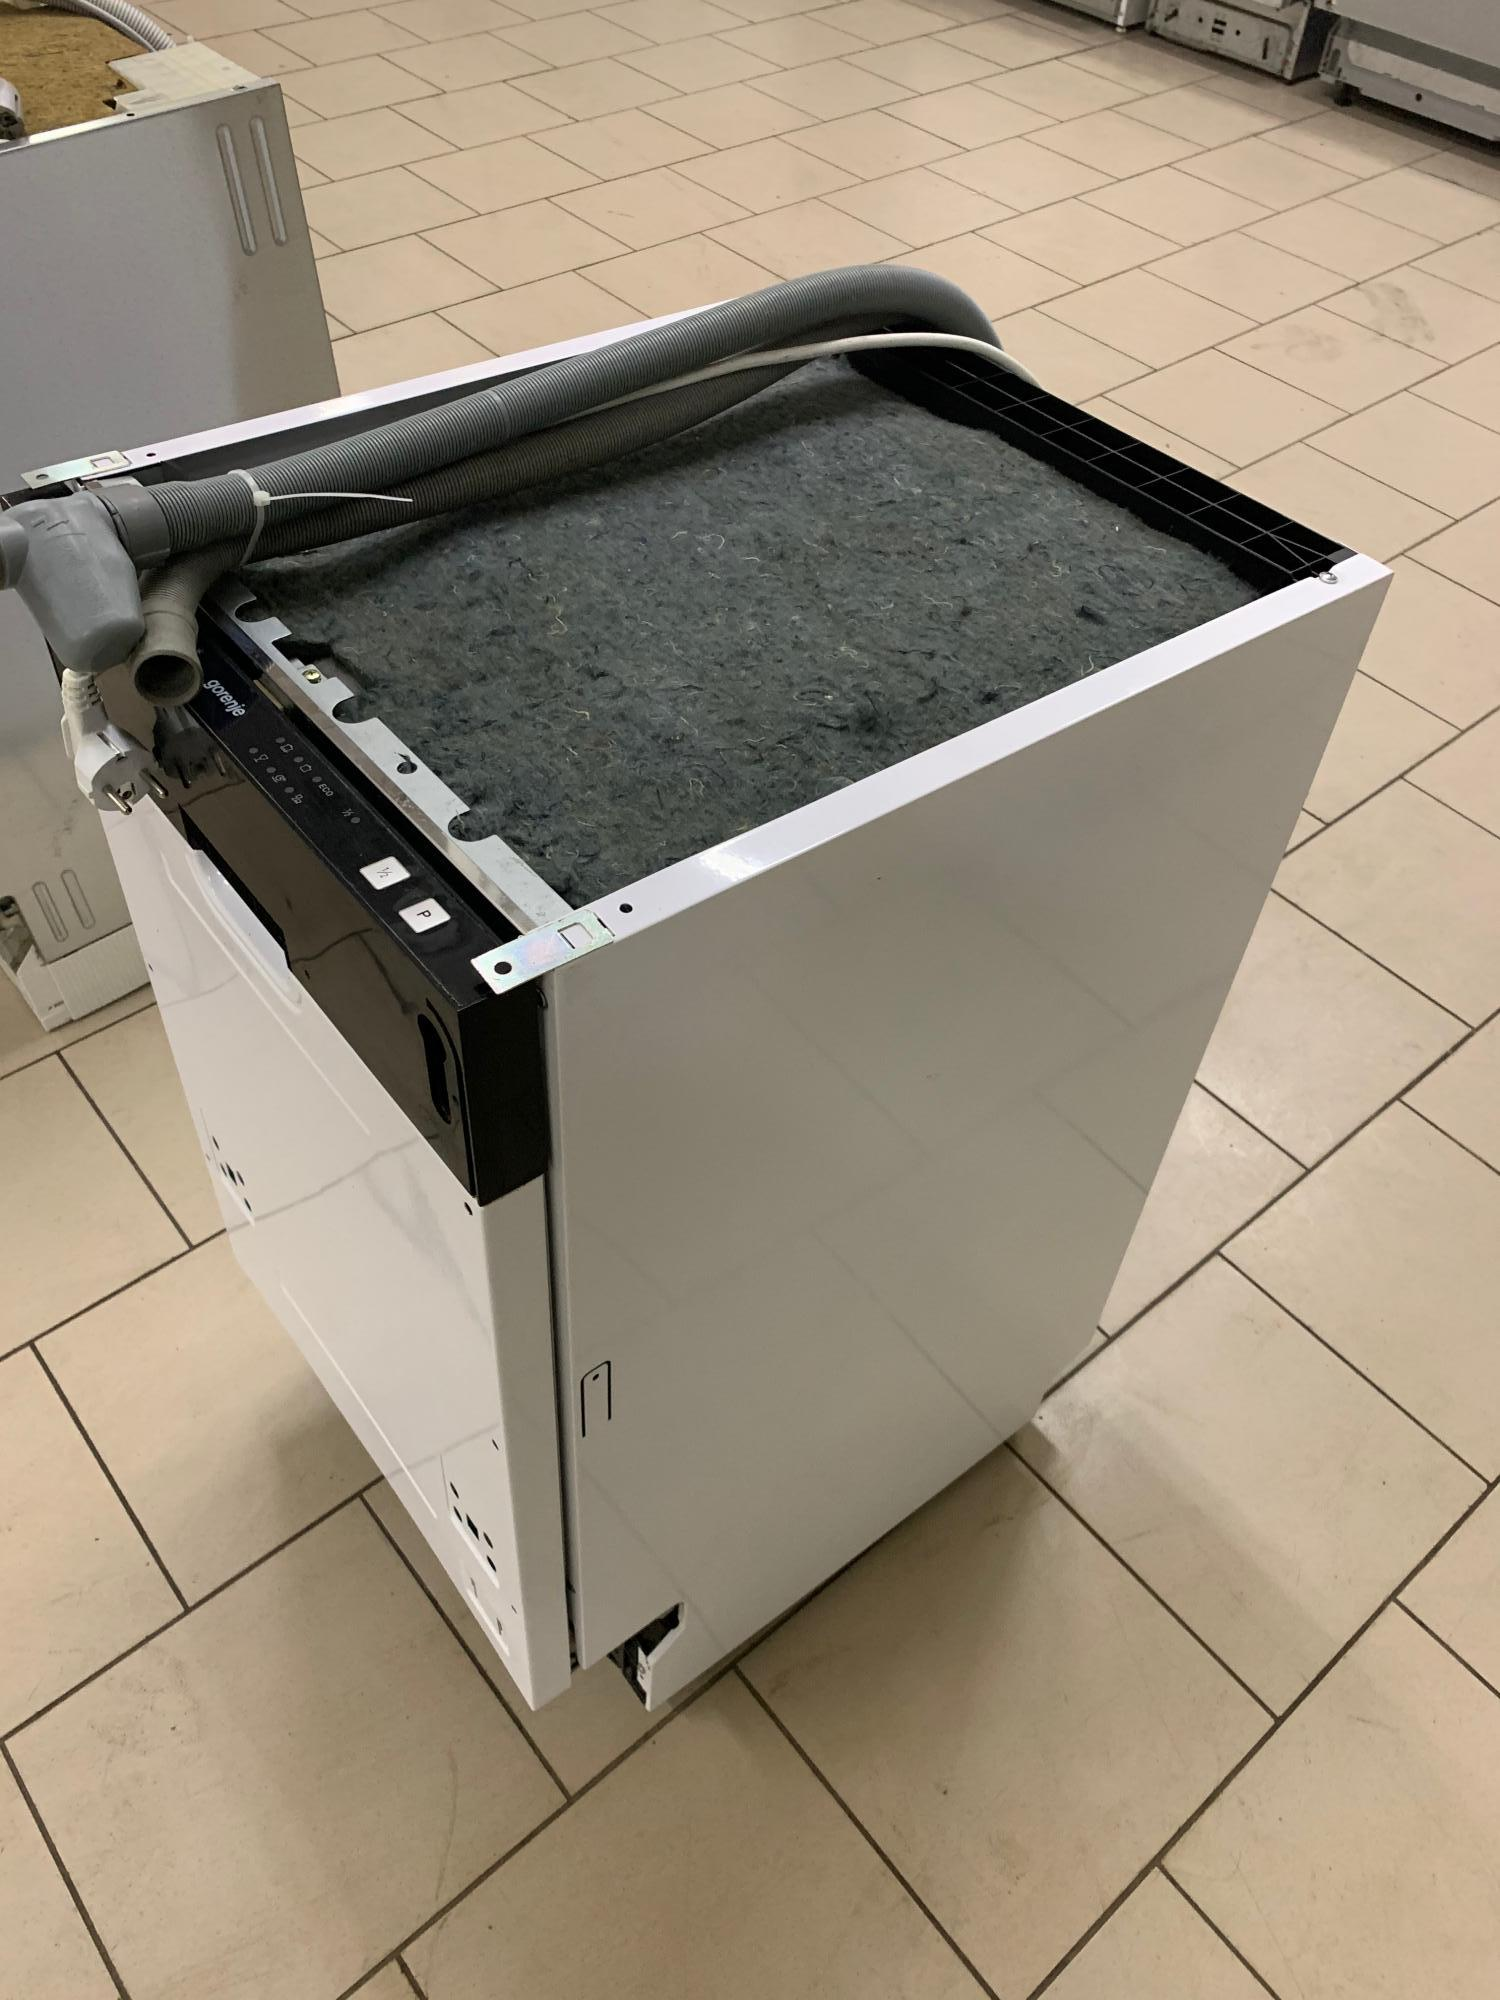 Посудомоечная машина б/у Gorenje GV51211 в Москве 89264600406 купить 3